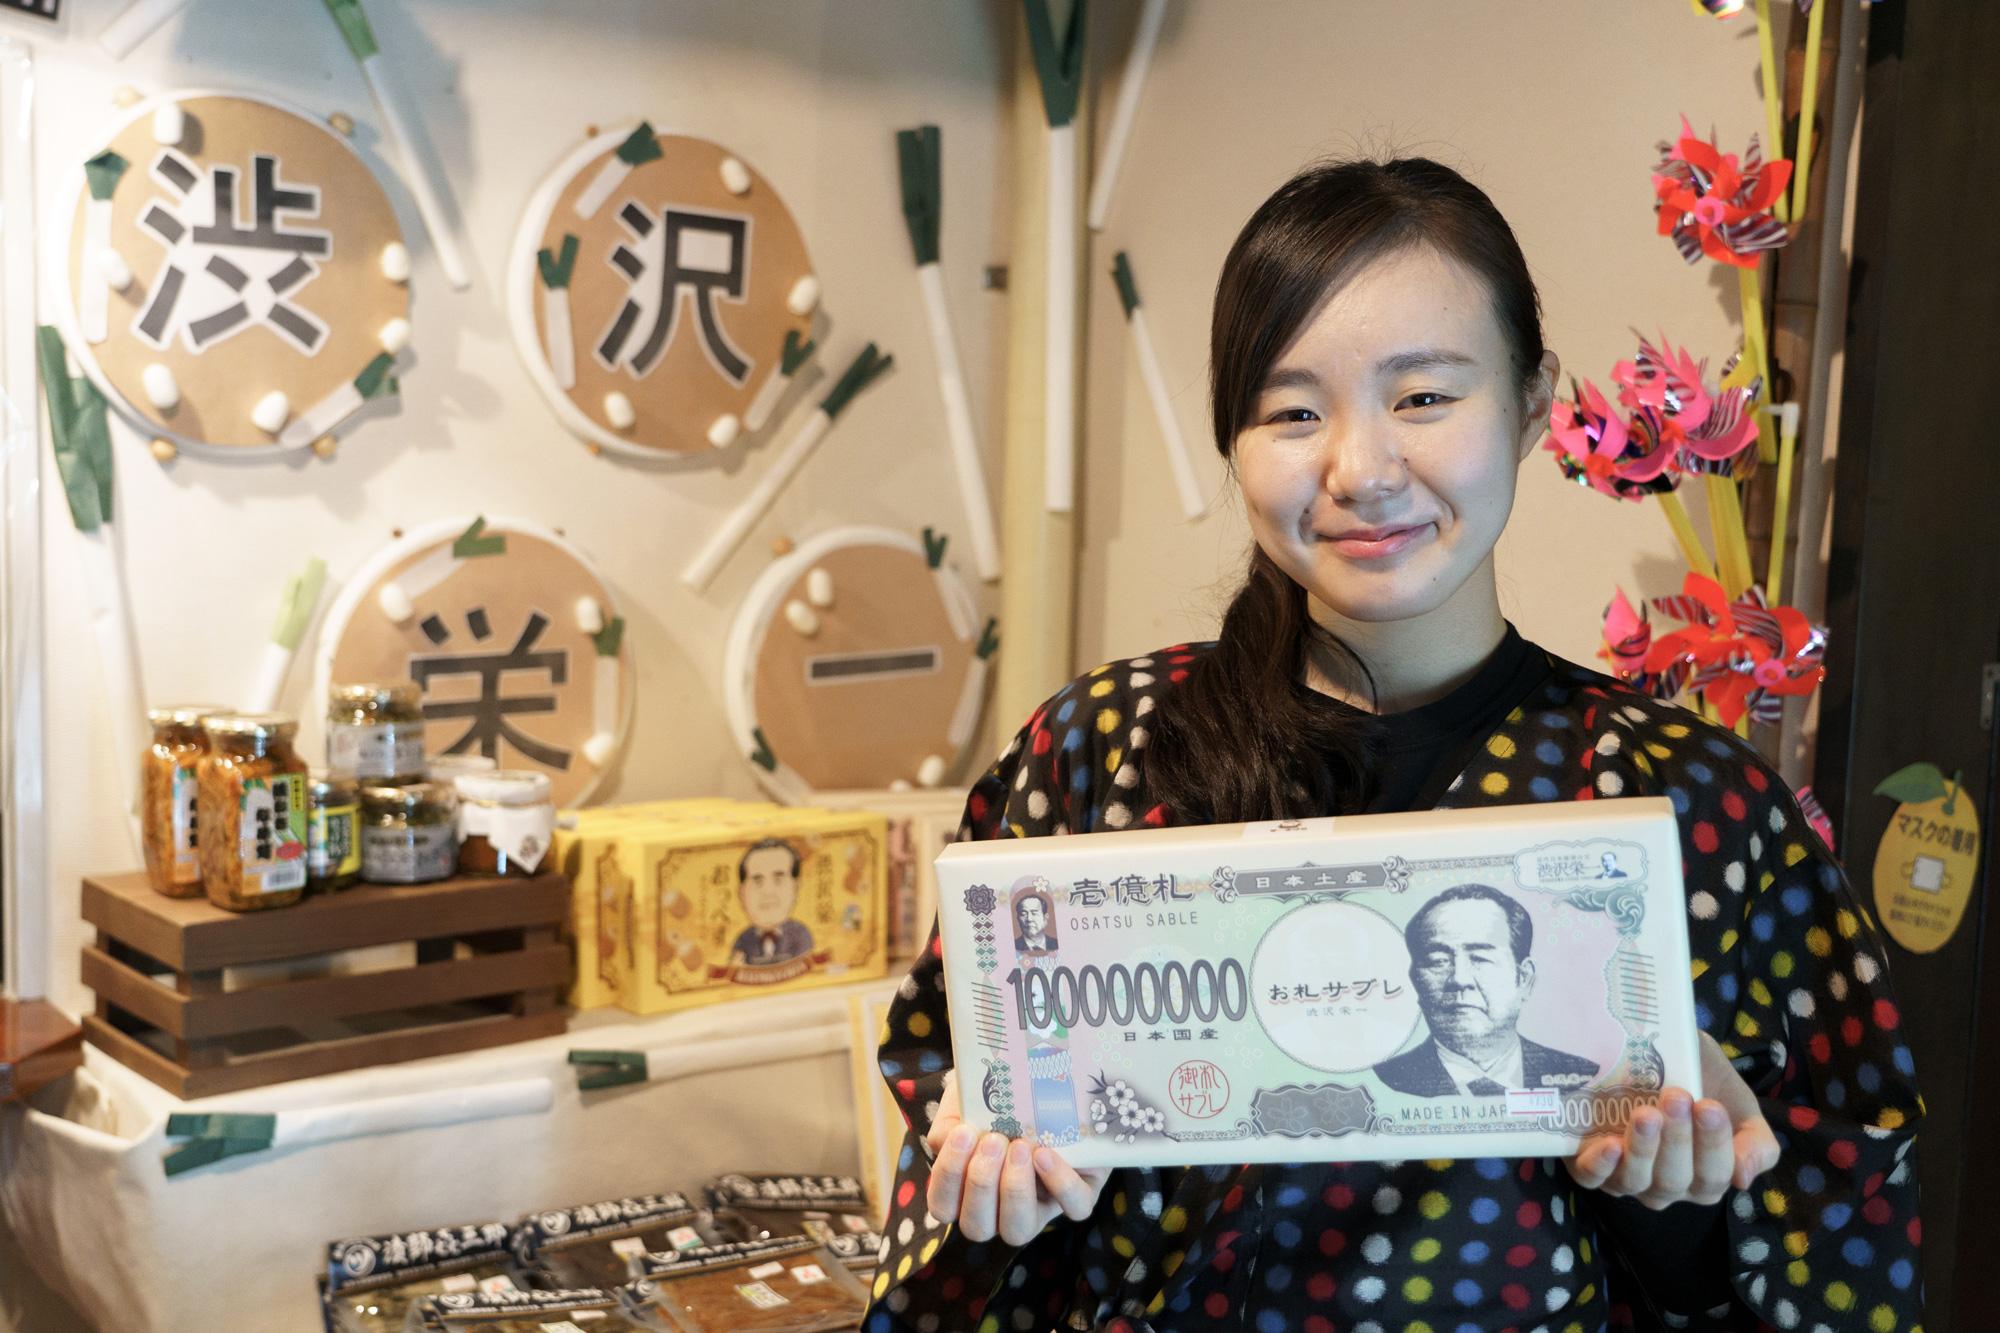 昭和レトロな温泉銭湯 玉川温泉にて《新一万円札の顔》渋沢栄一翁とシルクをテーマにしたイベント開催